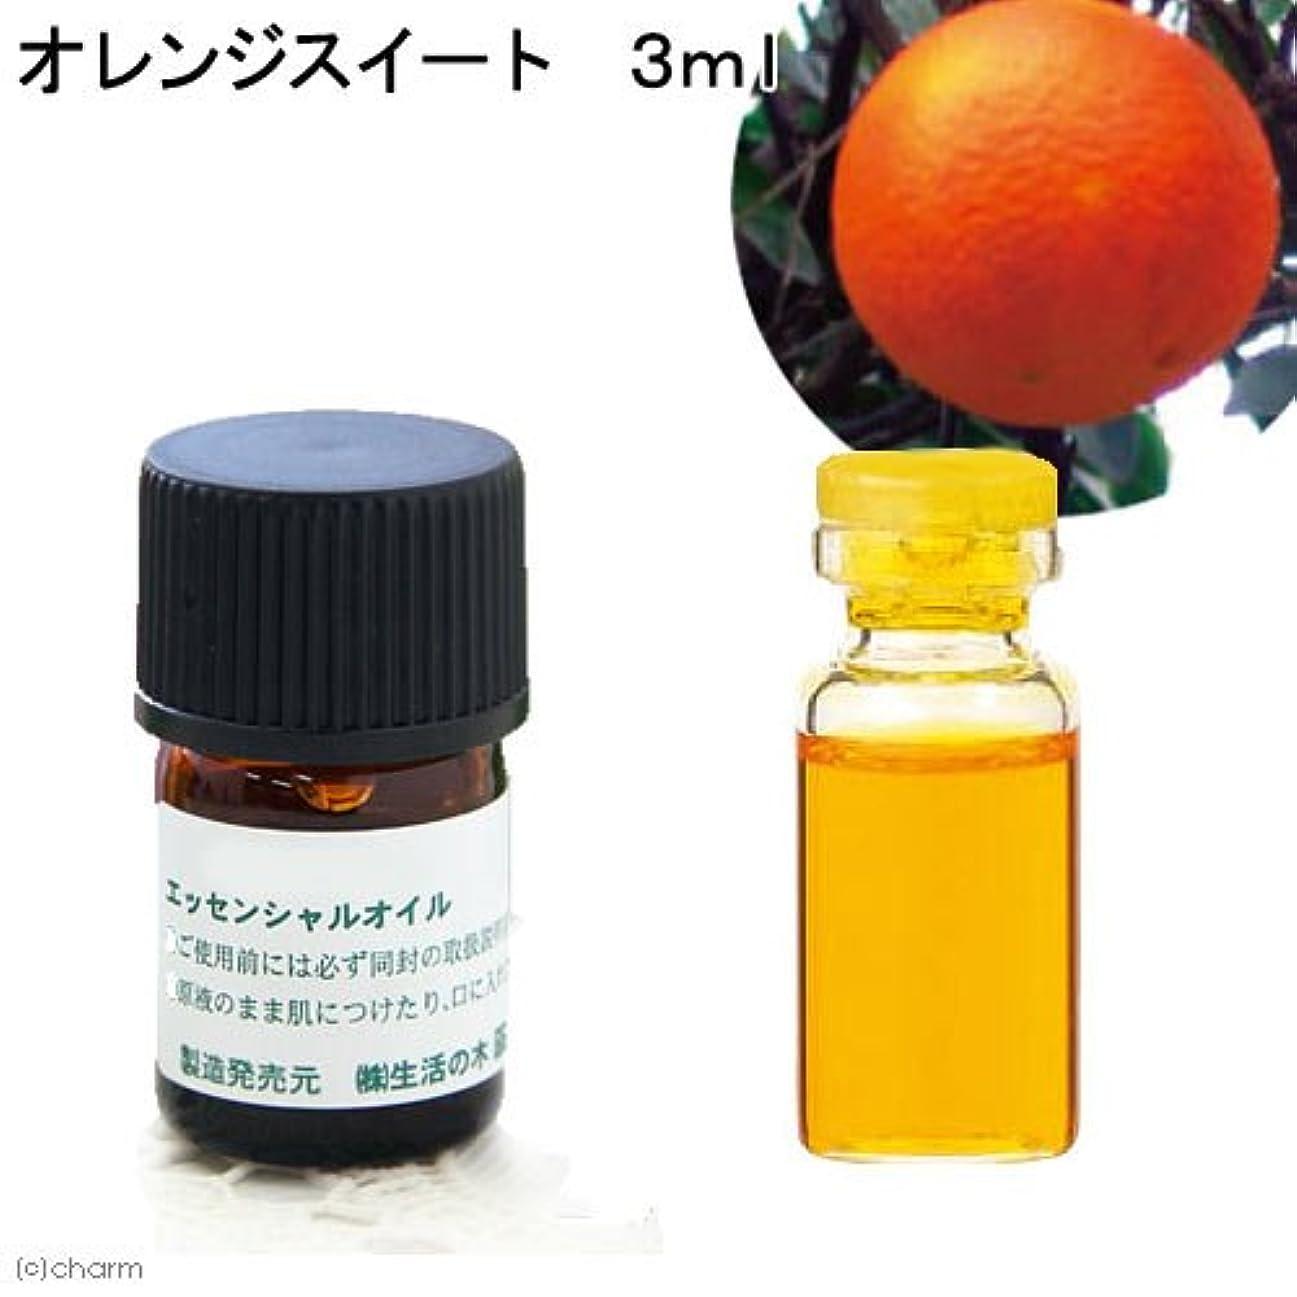 スプリットミスペンド差し引く生活の木 オレンジスイート 3ml